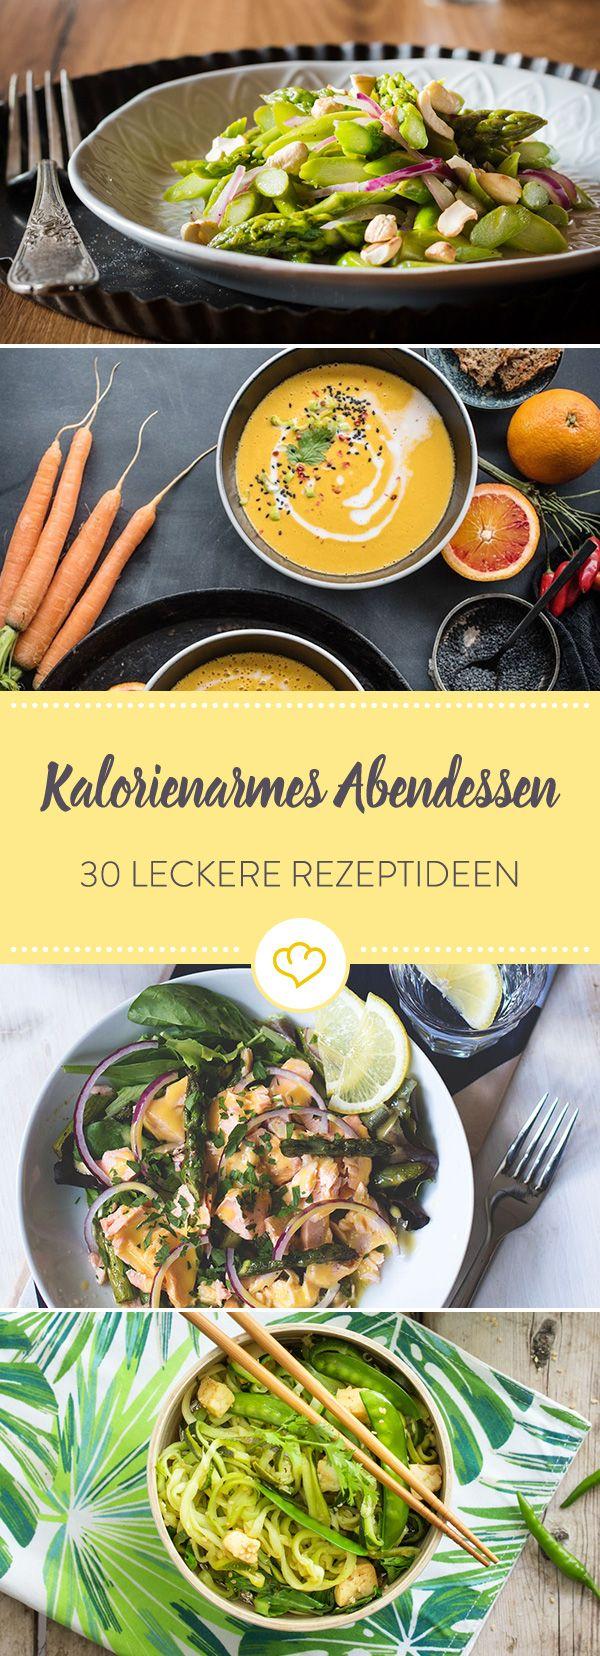 Photo of Leichter Feierabend: 30 Ideen für kalorienarmes Abendessen